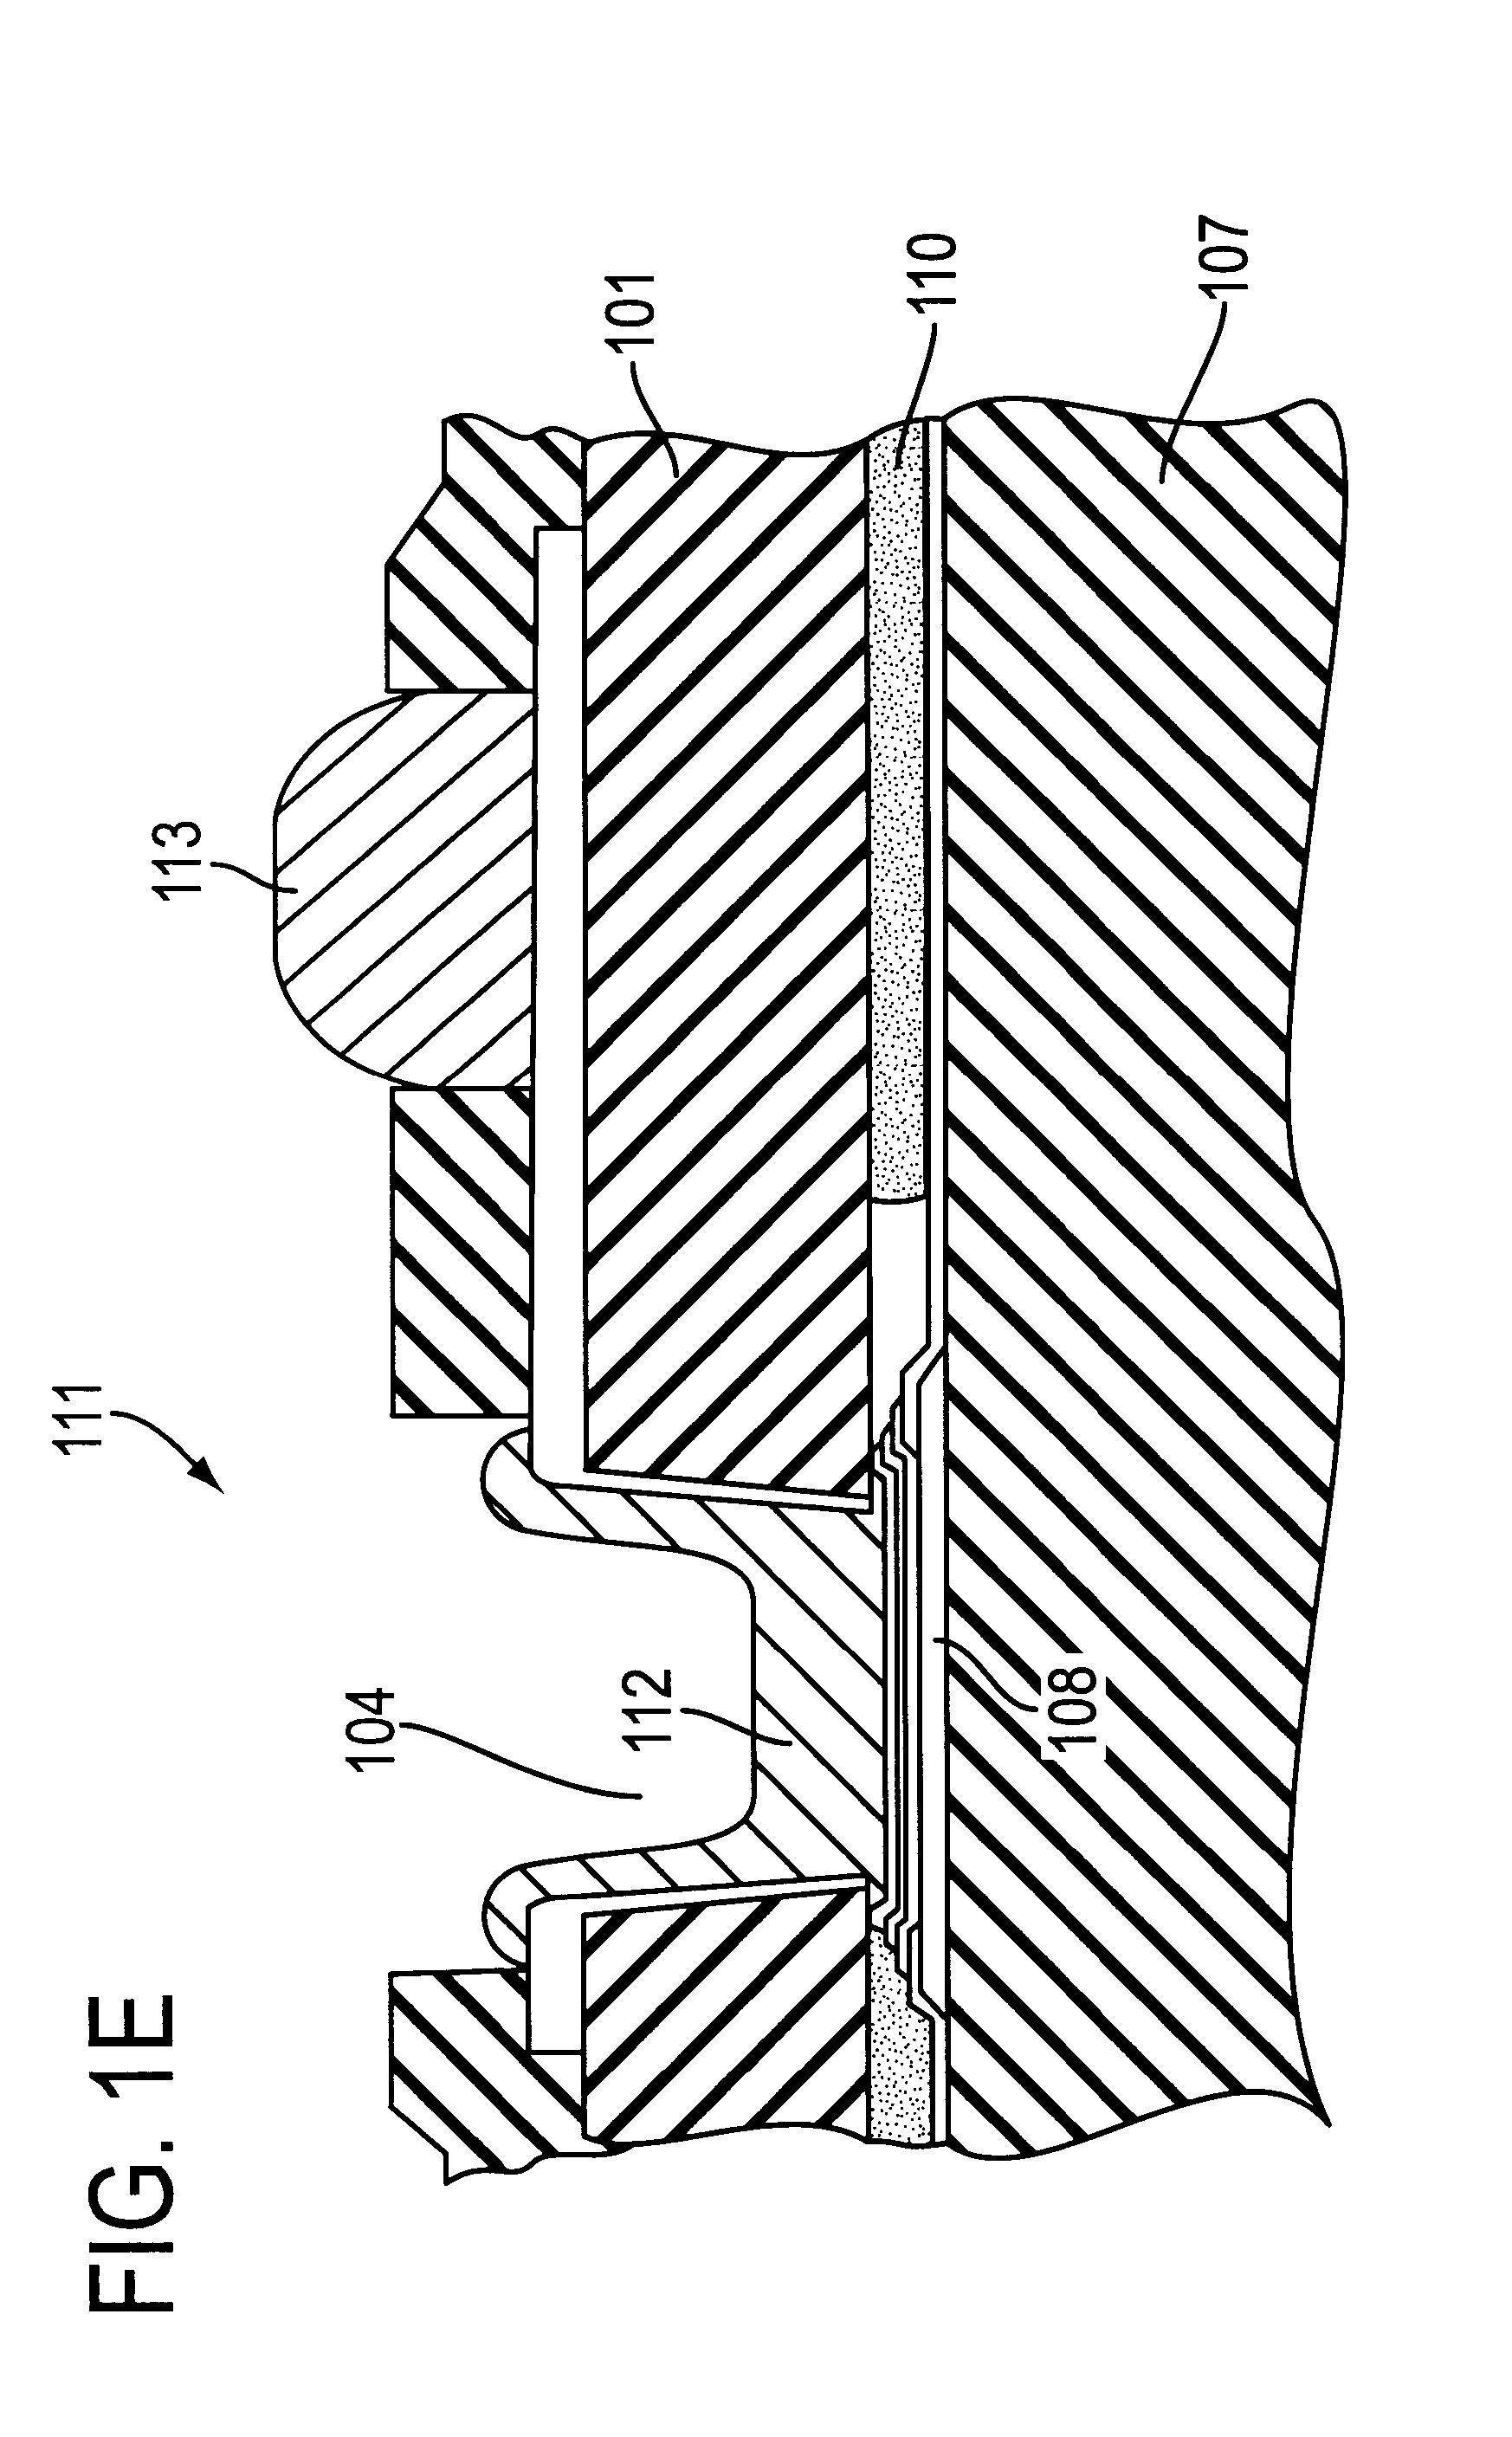 patent us6319751